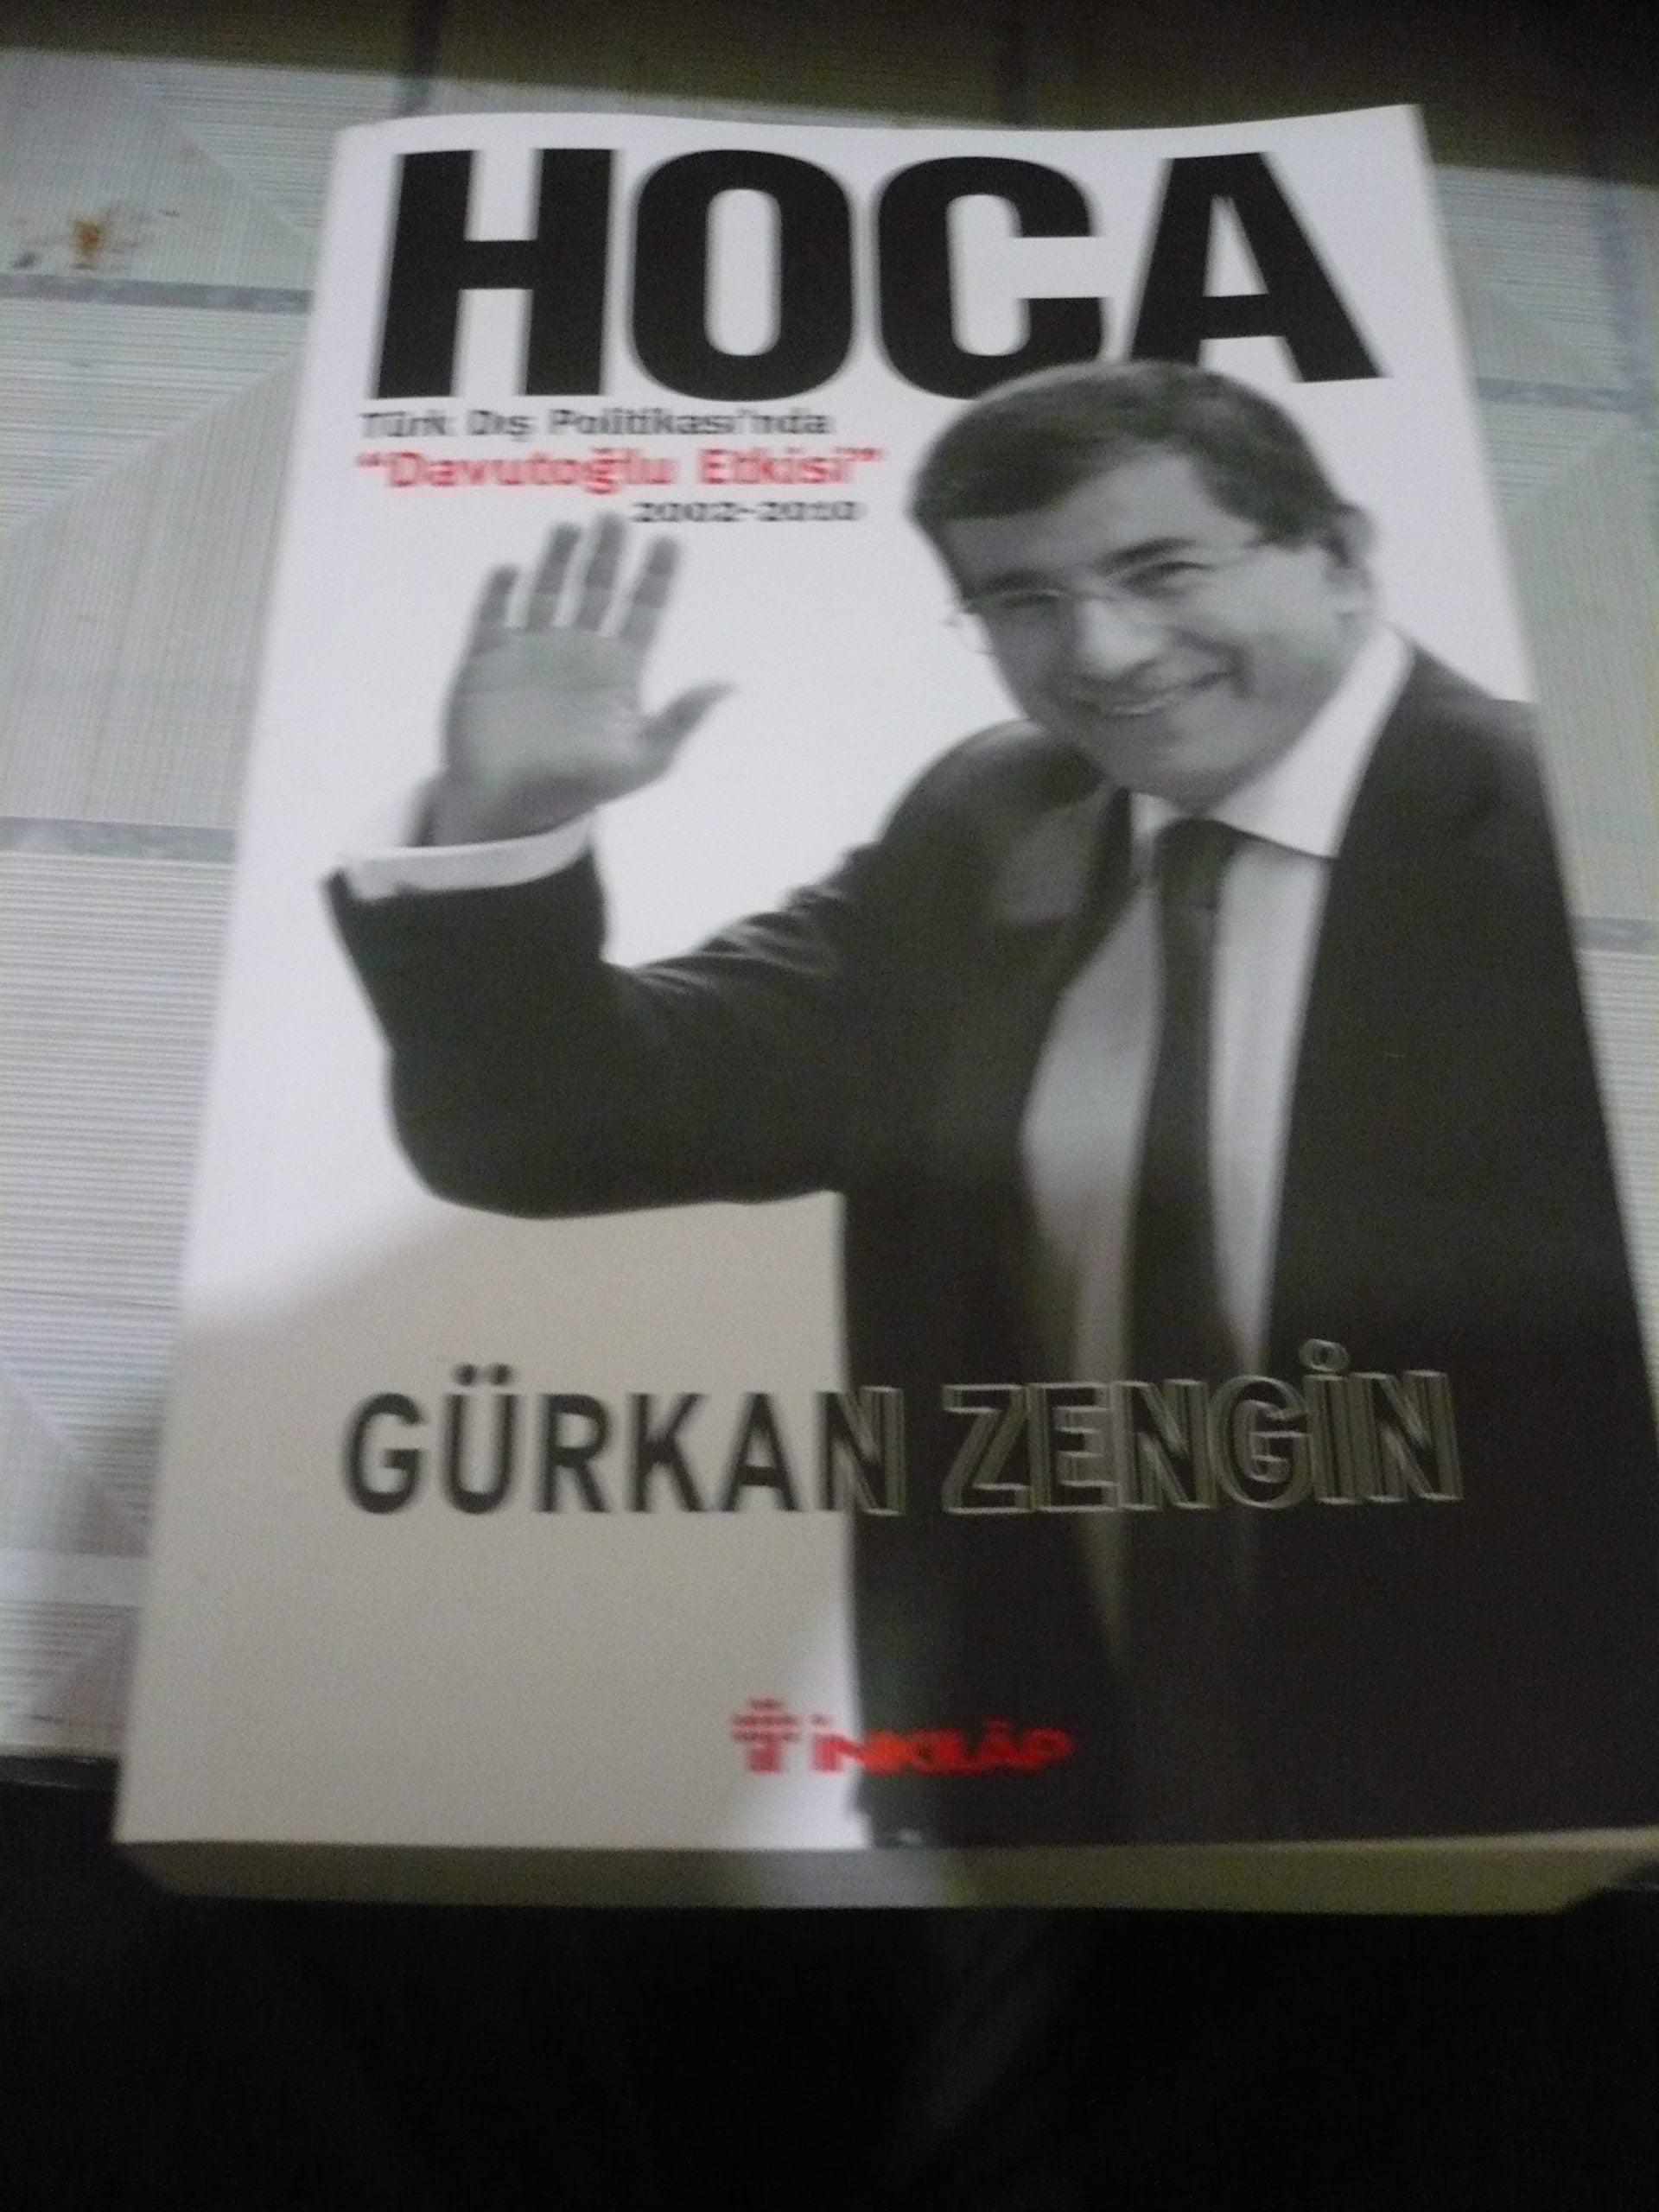 HOCA-Türk Dış Politikası'nda Davutoğlu Etkisi/GÜRKAN ZENGİN/15 TL